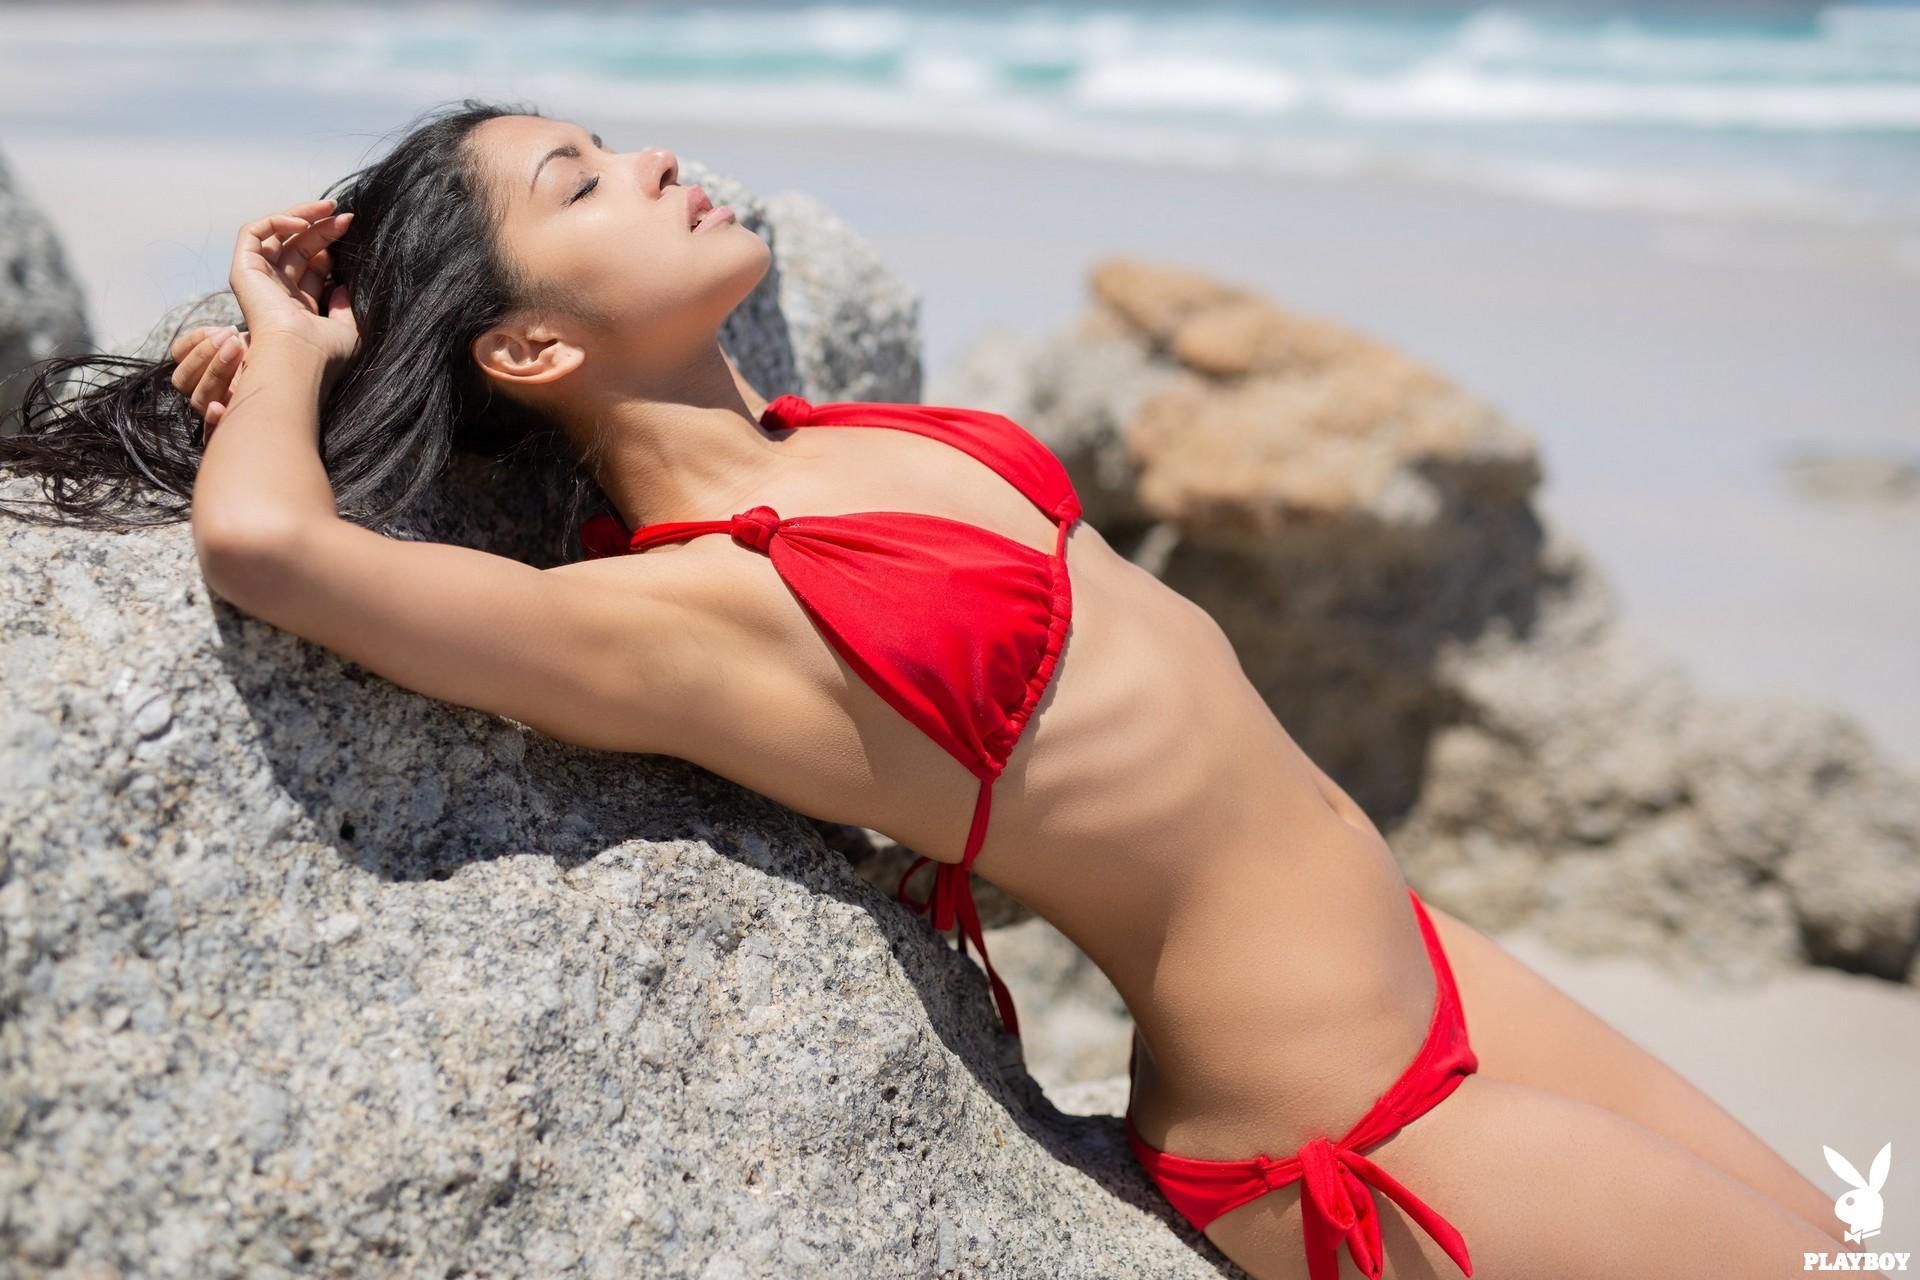 Chloe Rose in Windswept - Playboy Plus 35